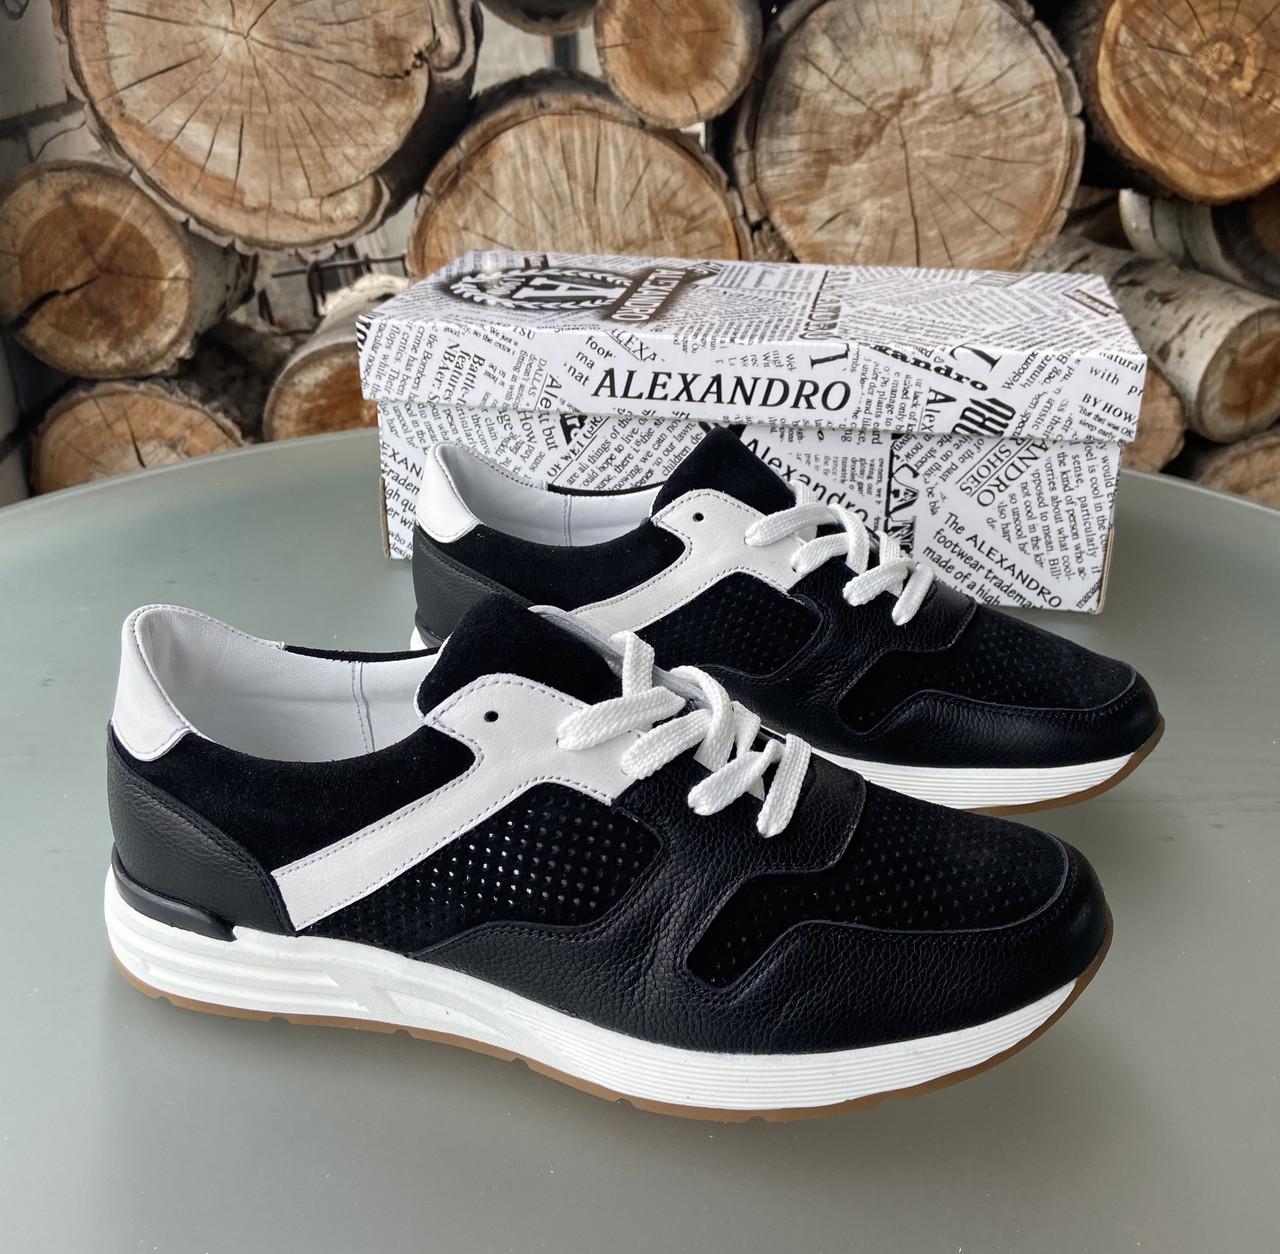 Чоловічі перфоровані кросівки alexandro натуральна шкіра 40